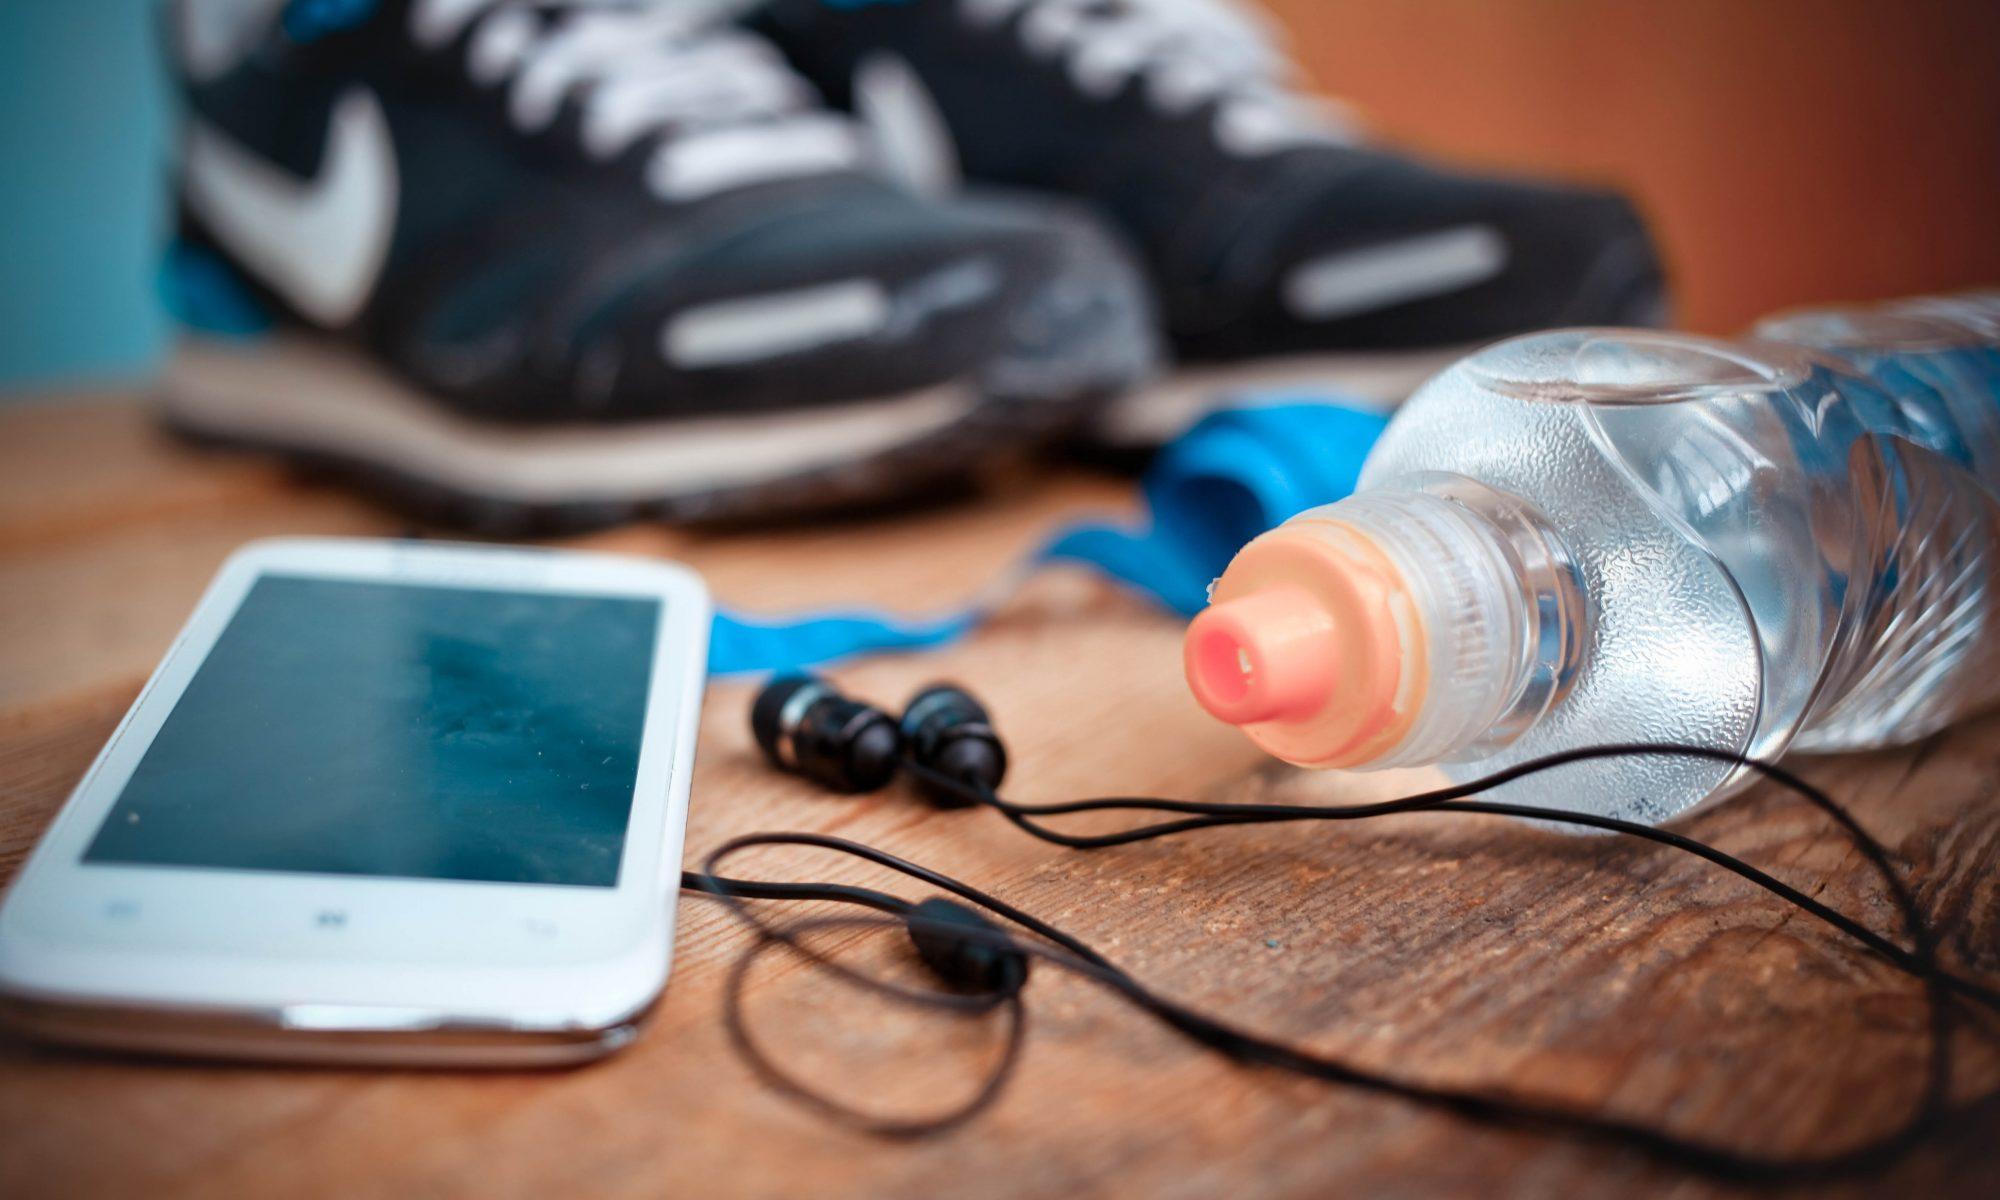 Svarta sportskor, vattenflaska och en mobil ligger på en träbänk